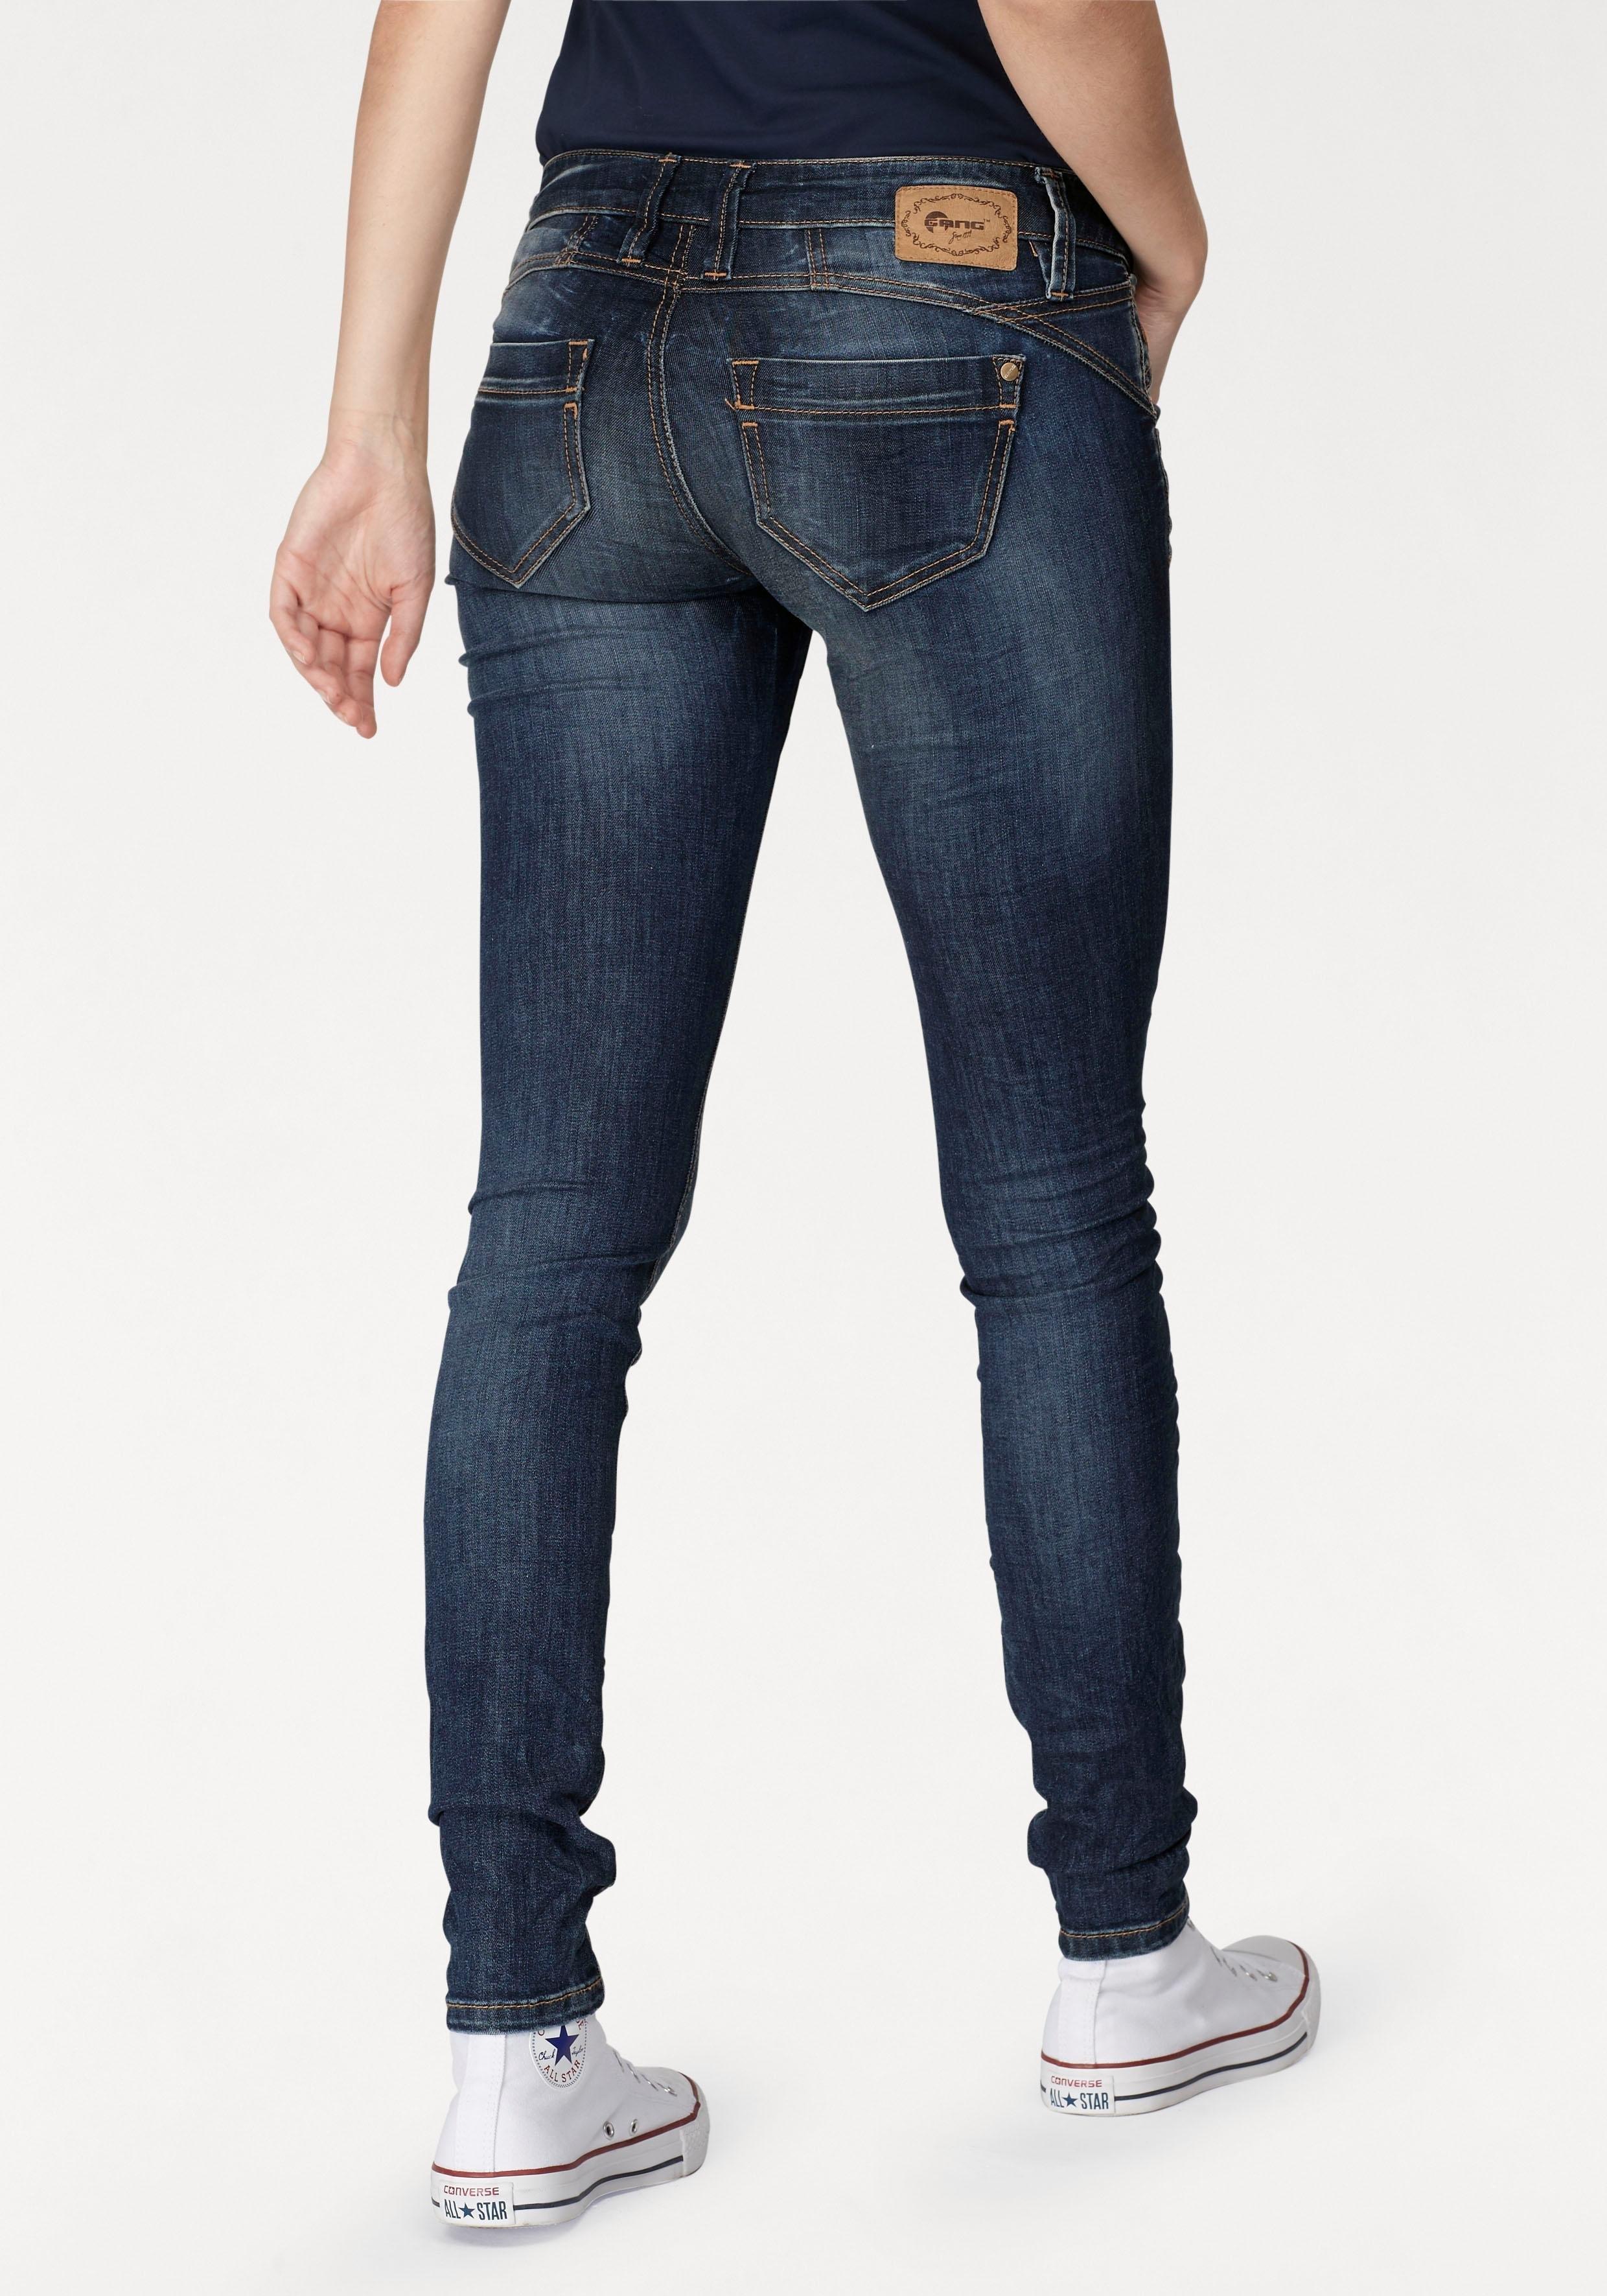 GANG skinny fit jeans Nena in crash-look bestellen: 30 dagen bedenktijd